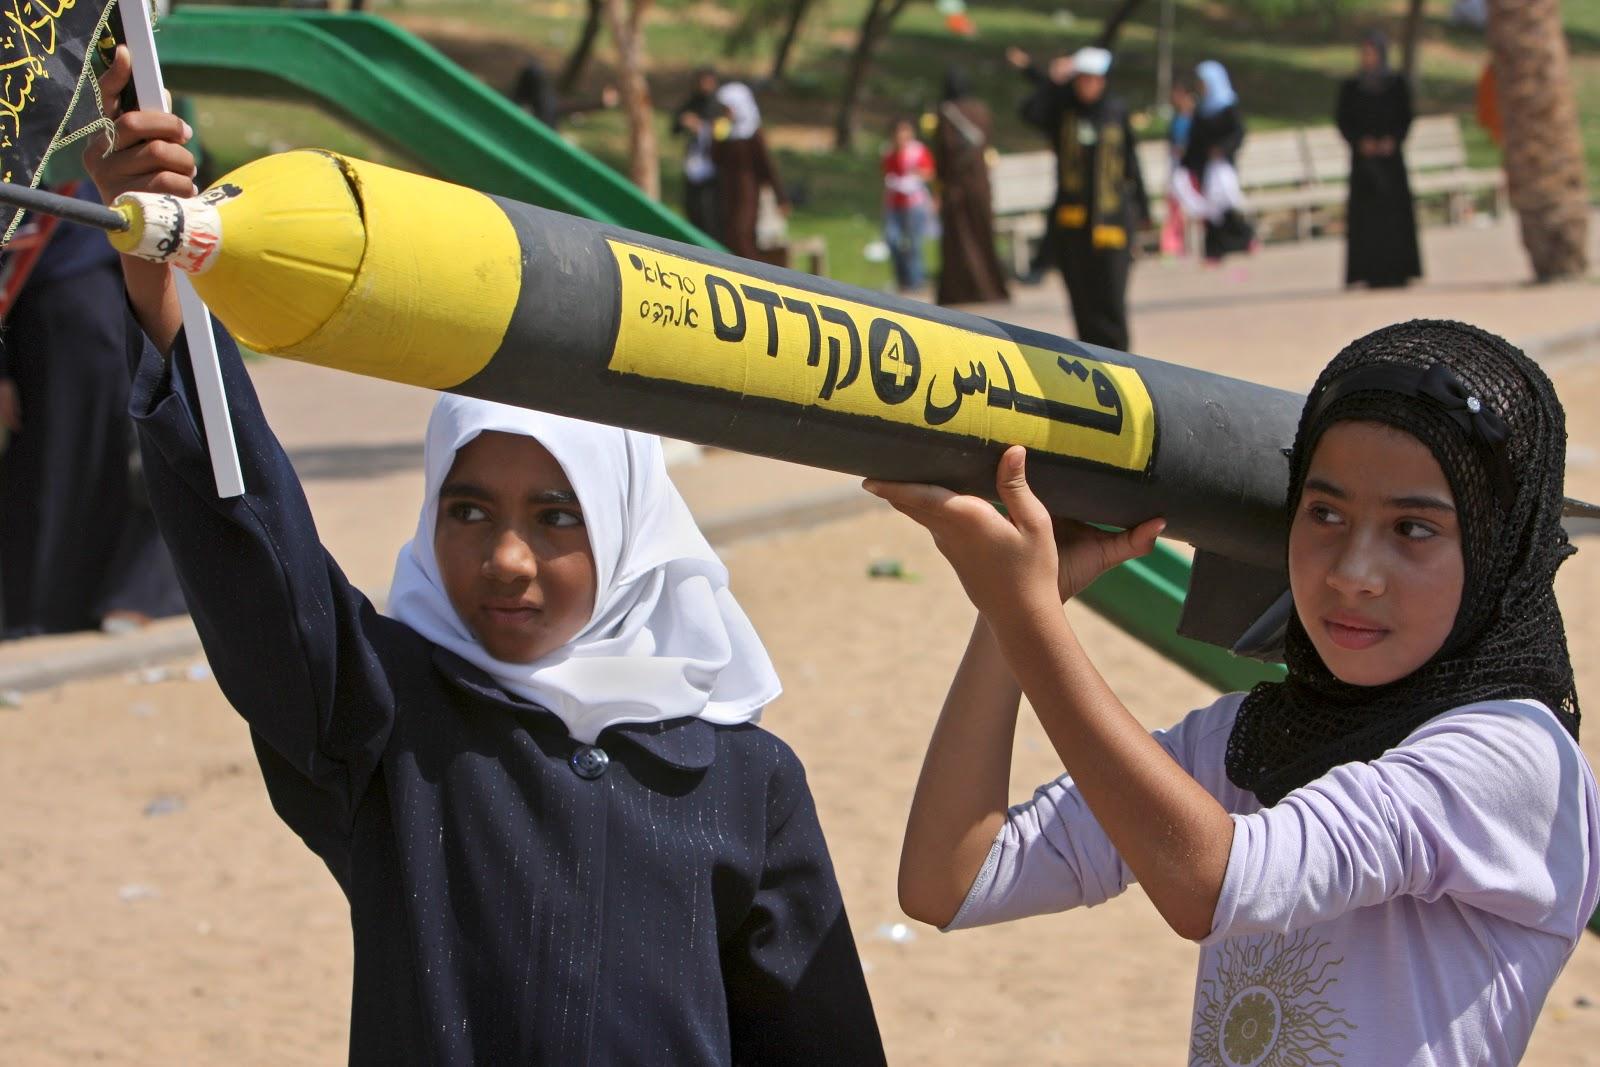 De burcht sion: de palestijnse staat, lont in het kruitvat. deel v